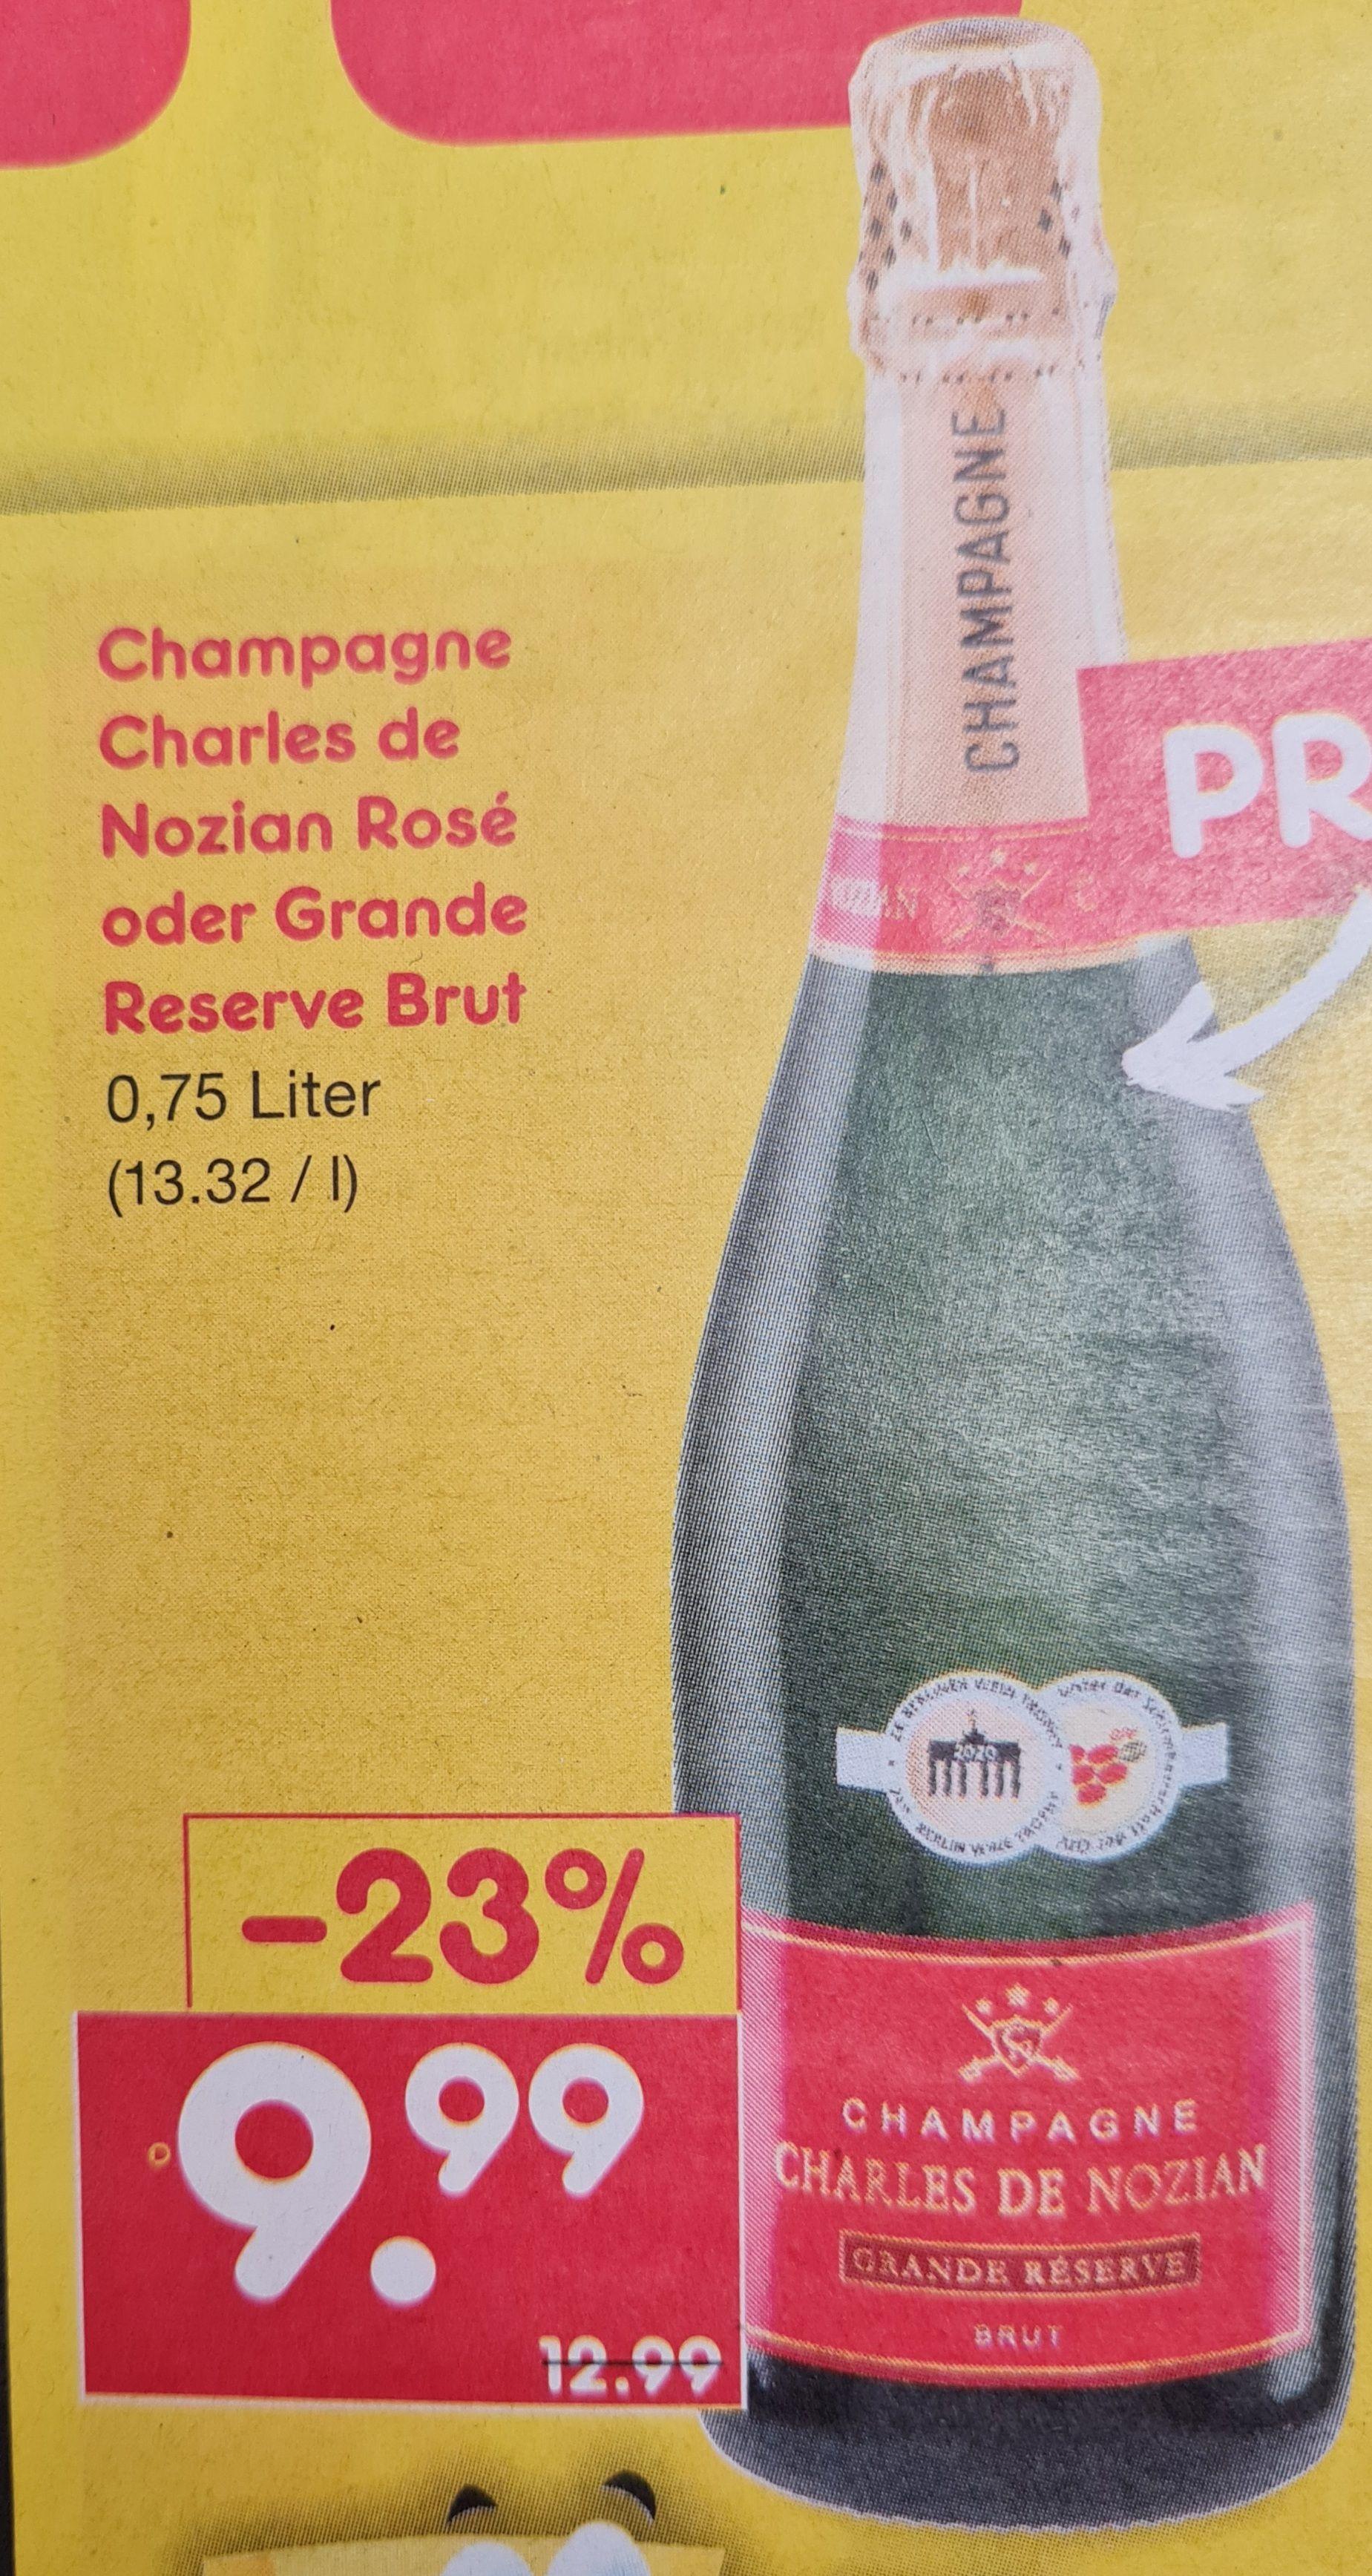 Champagne Charles de Nozian Rosé oder Grande Reserve Brut 0,75 l ab 20.05 Netto MD